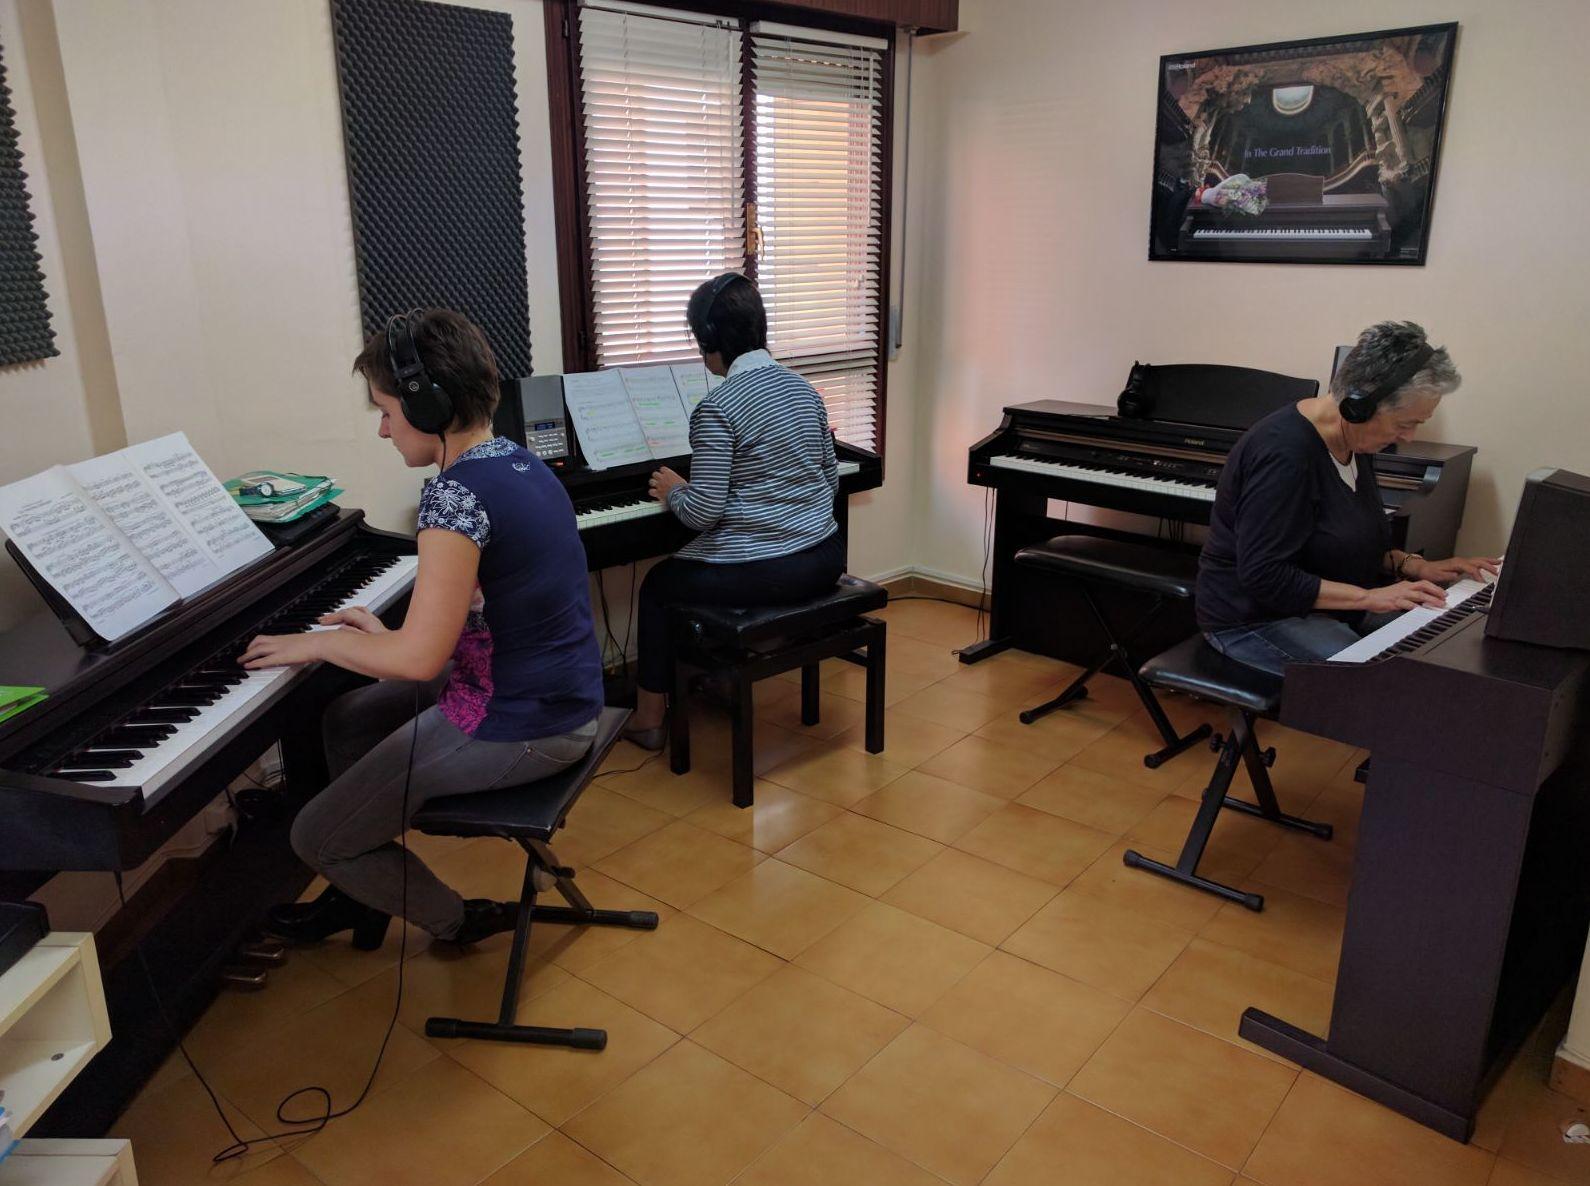 Foto 4 de Escuelas de música, danza e interpretación en Mungia | Academia de Guitarra y Piano Roland